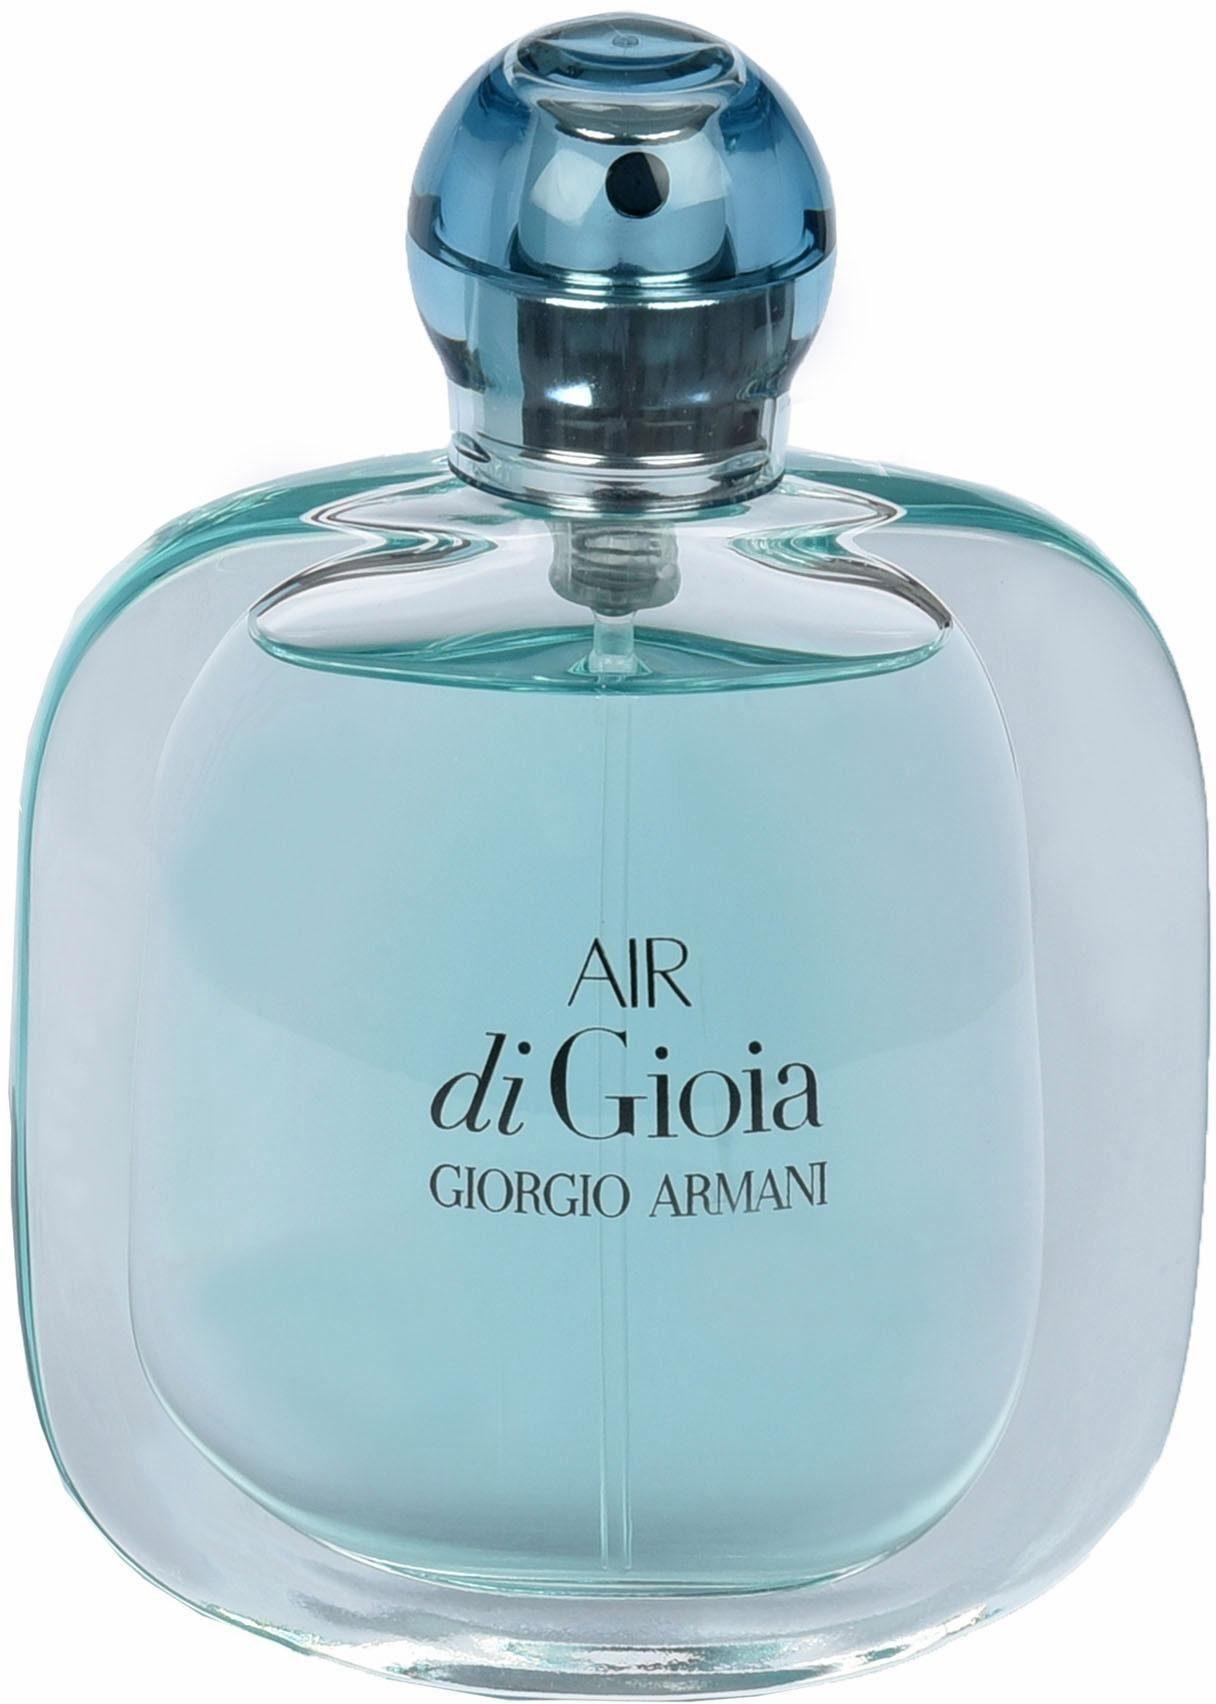 Giorgio Armani »Acqua di Gioia Air« Eau de Parfum